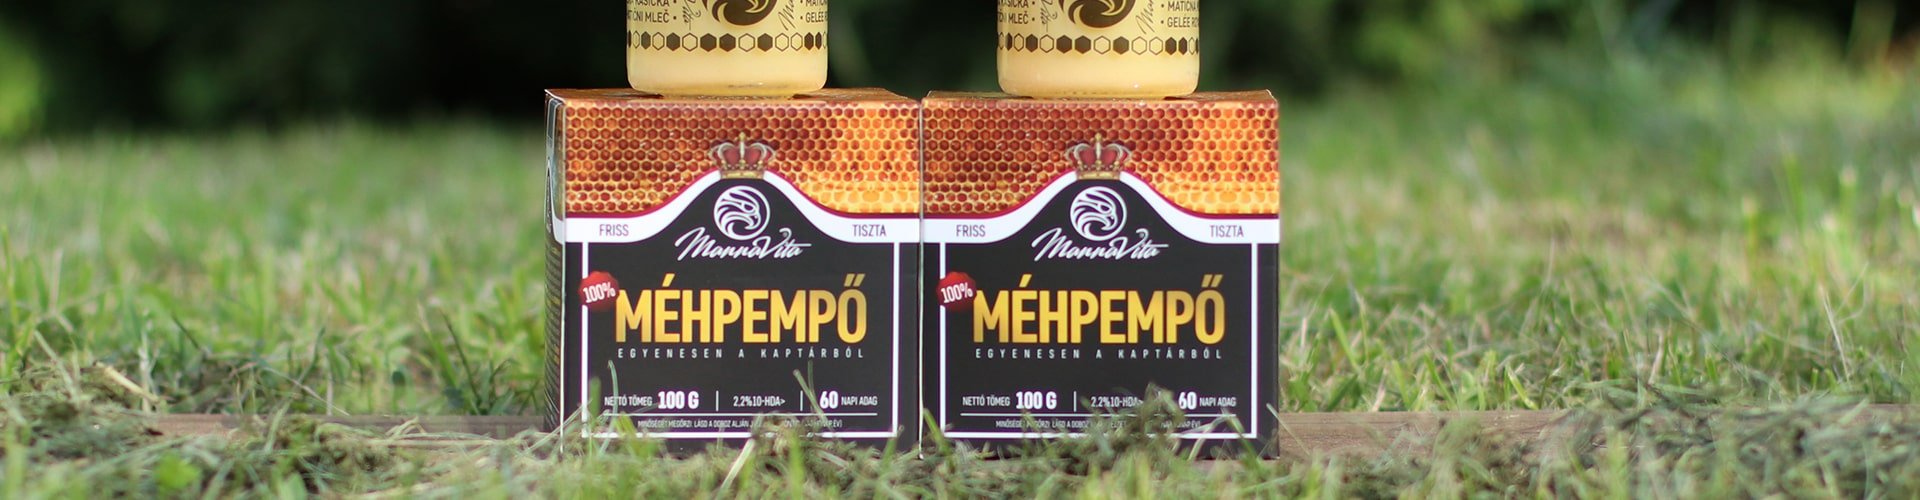 méhpempő a magas vérnyomás kezelésében